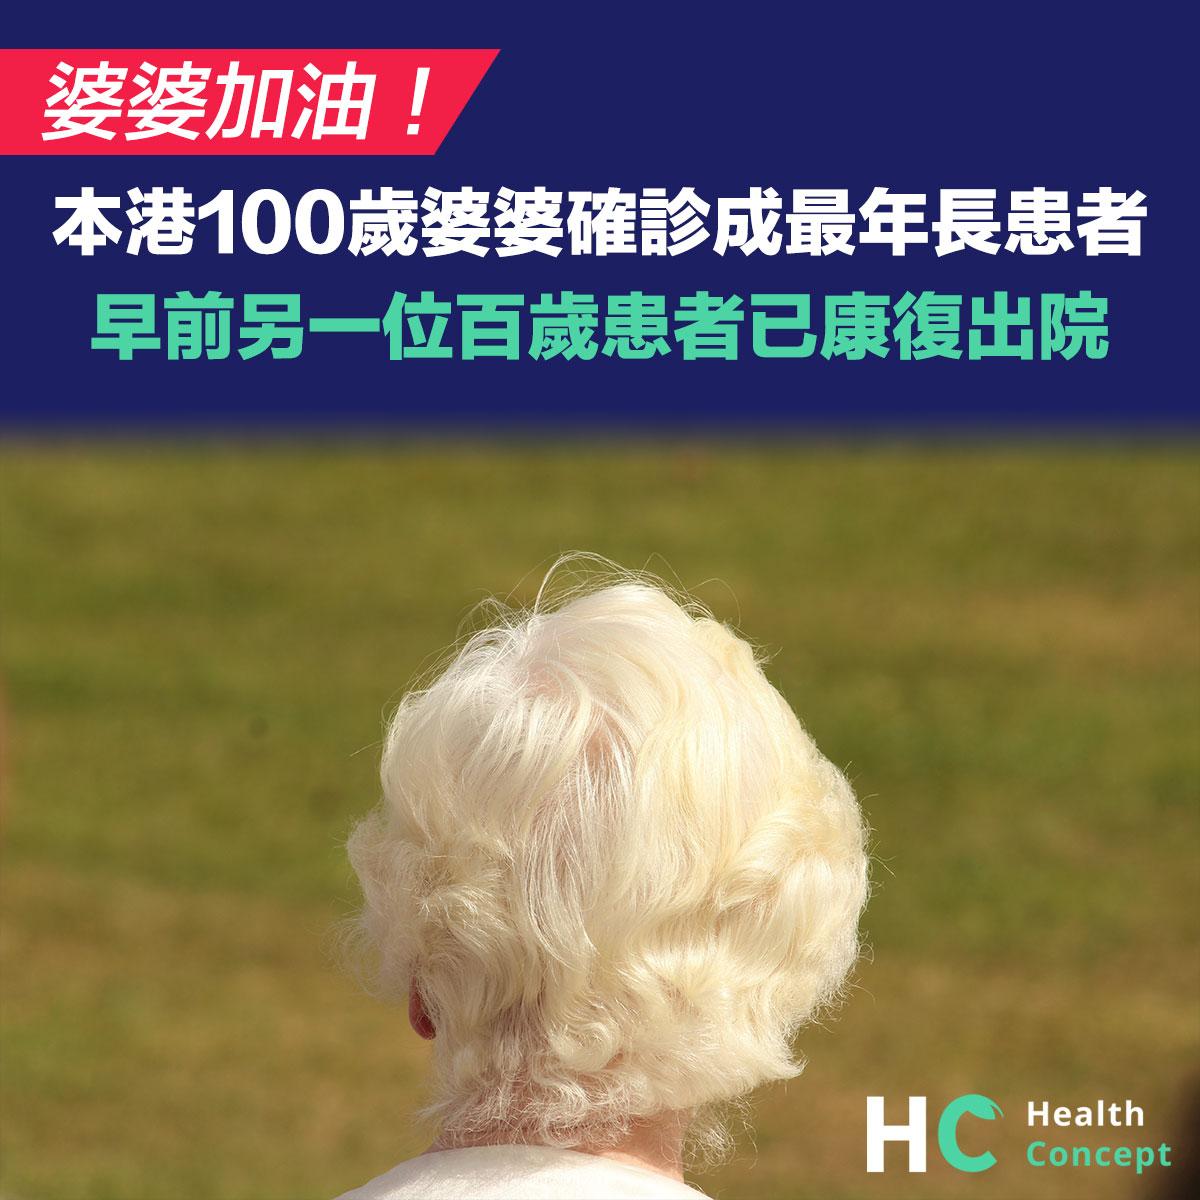 本港100歲婆婆確診成最年長患者,早前另一位百歲患者已康復出院